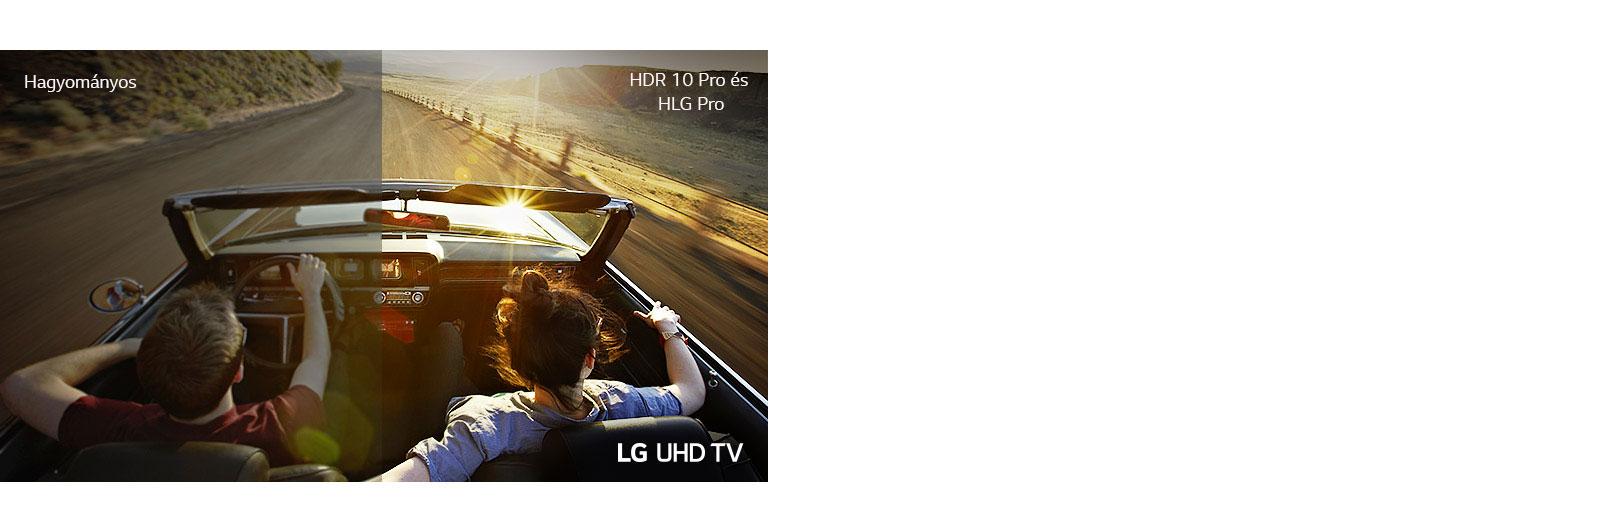 Egy pár autót vezet az úton. A kép fele hagyományos képernyőn jelenik meg gyenge képminőséggel. A másik fele élesen és élénk színekkel az LG UHD TV képminőségével.